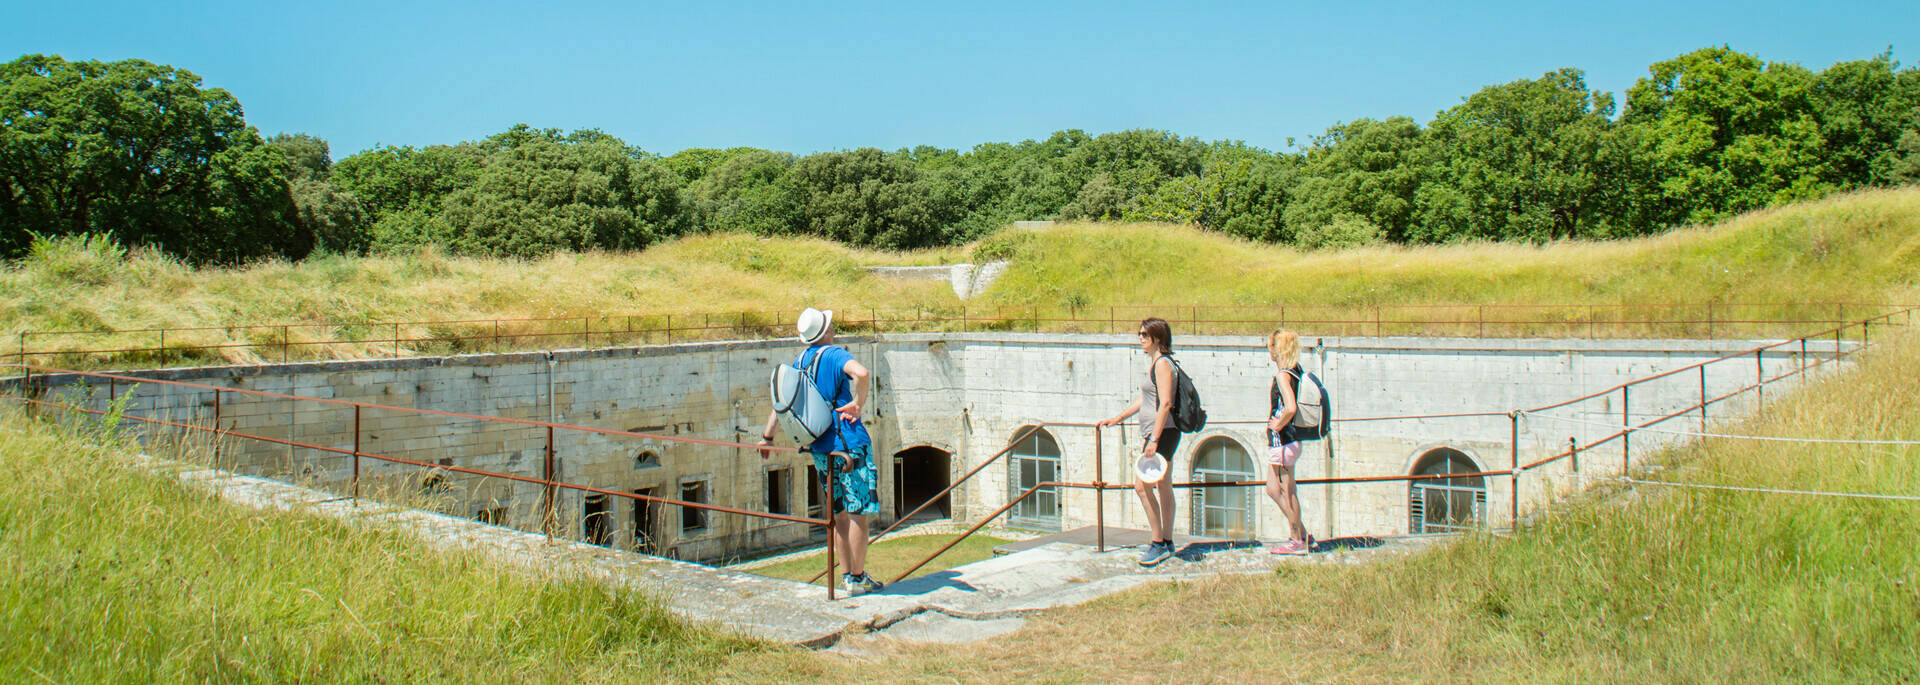 Visite du fort Liédot à l'île d'Aix - © Laurent Pétillon